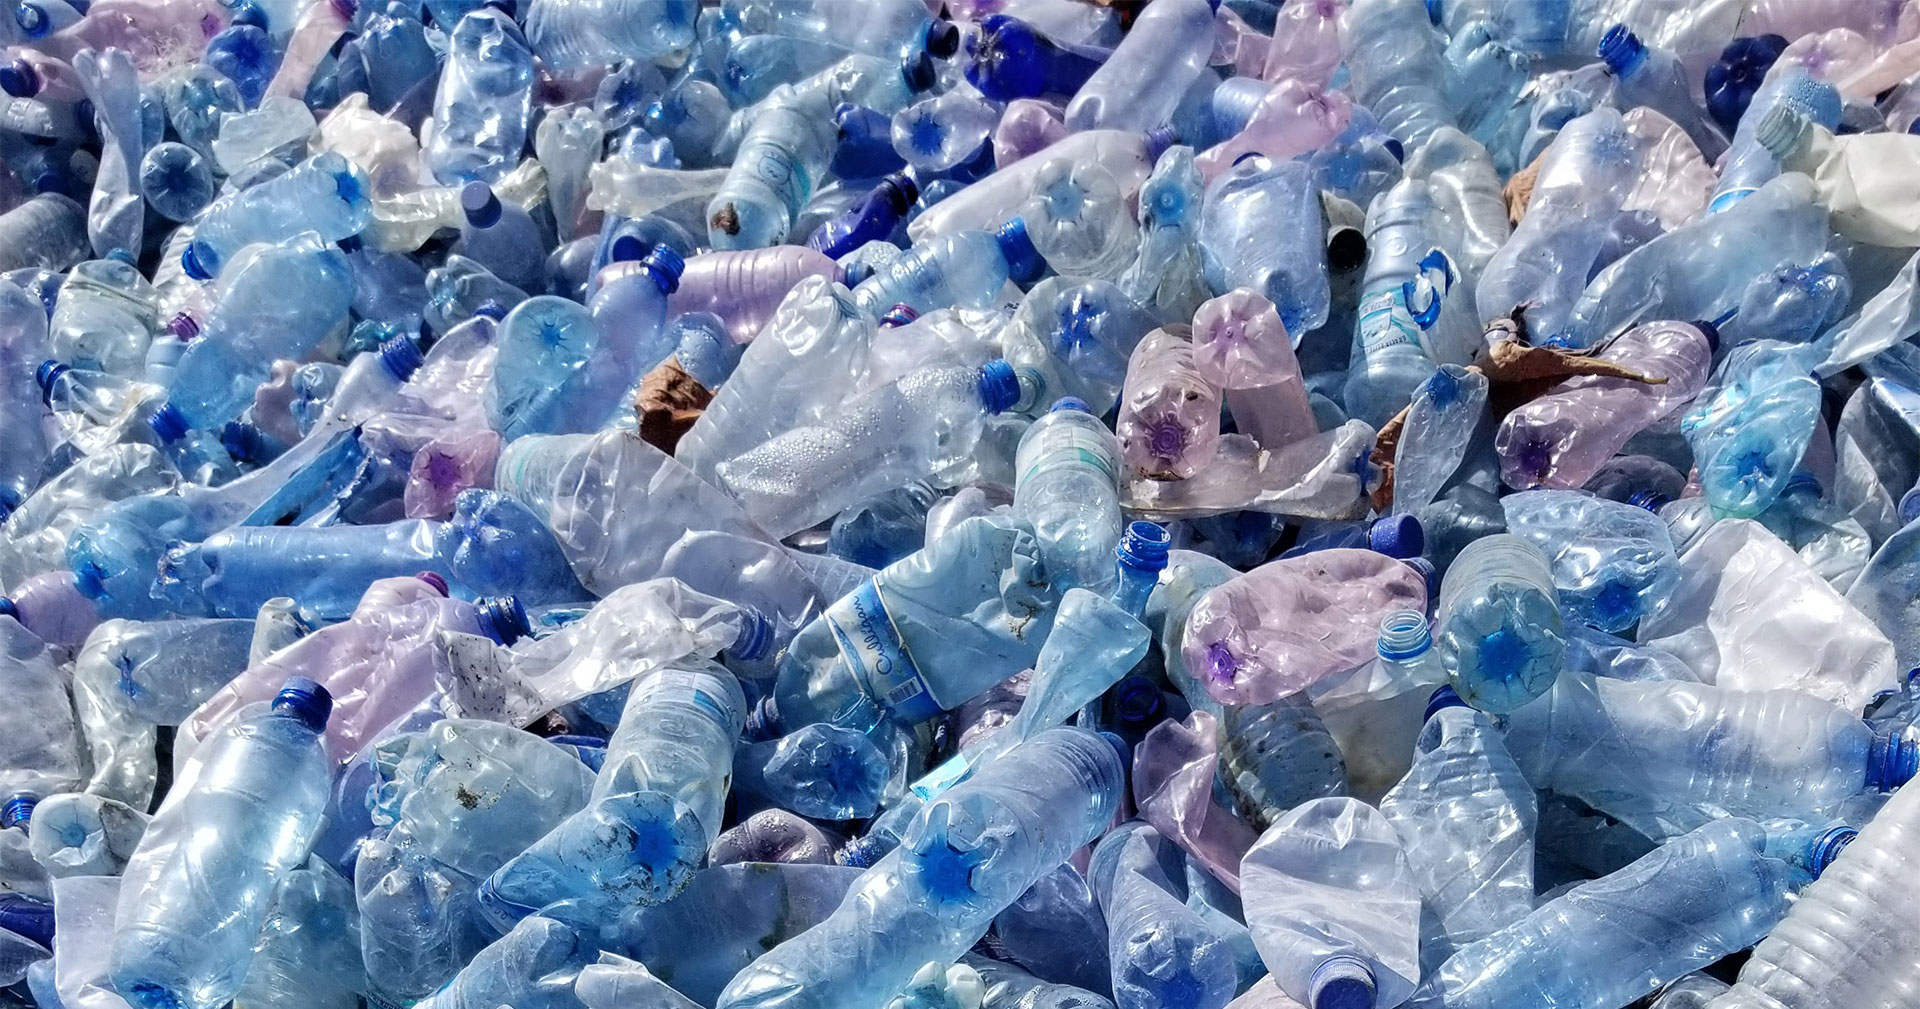 water bottle waste